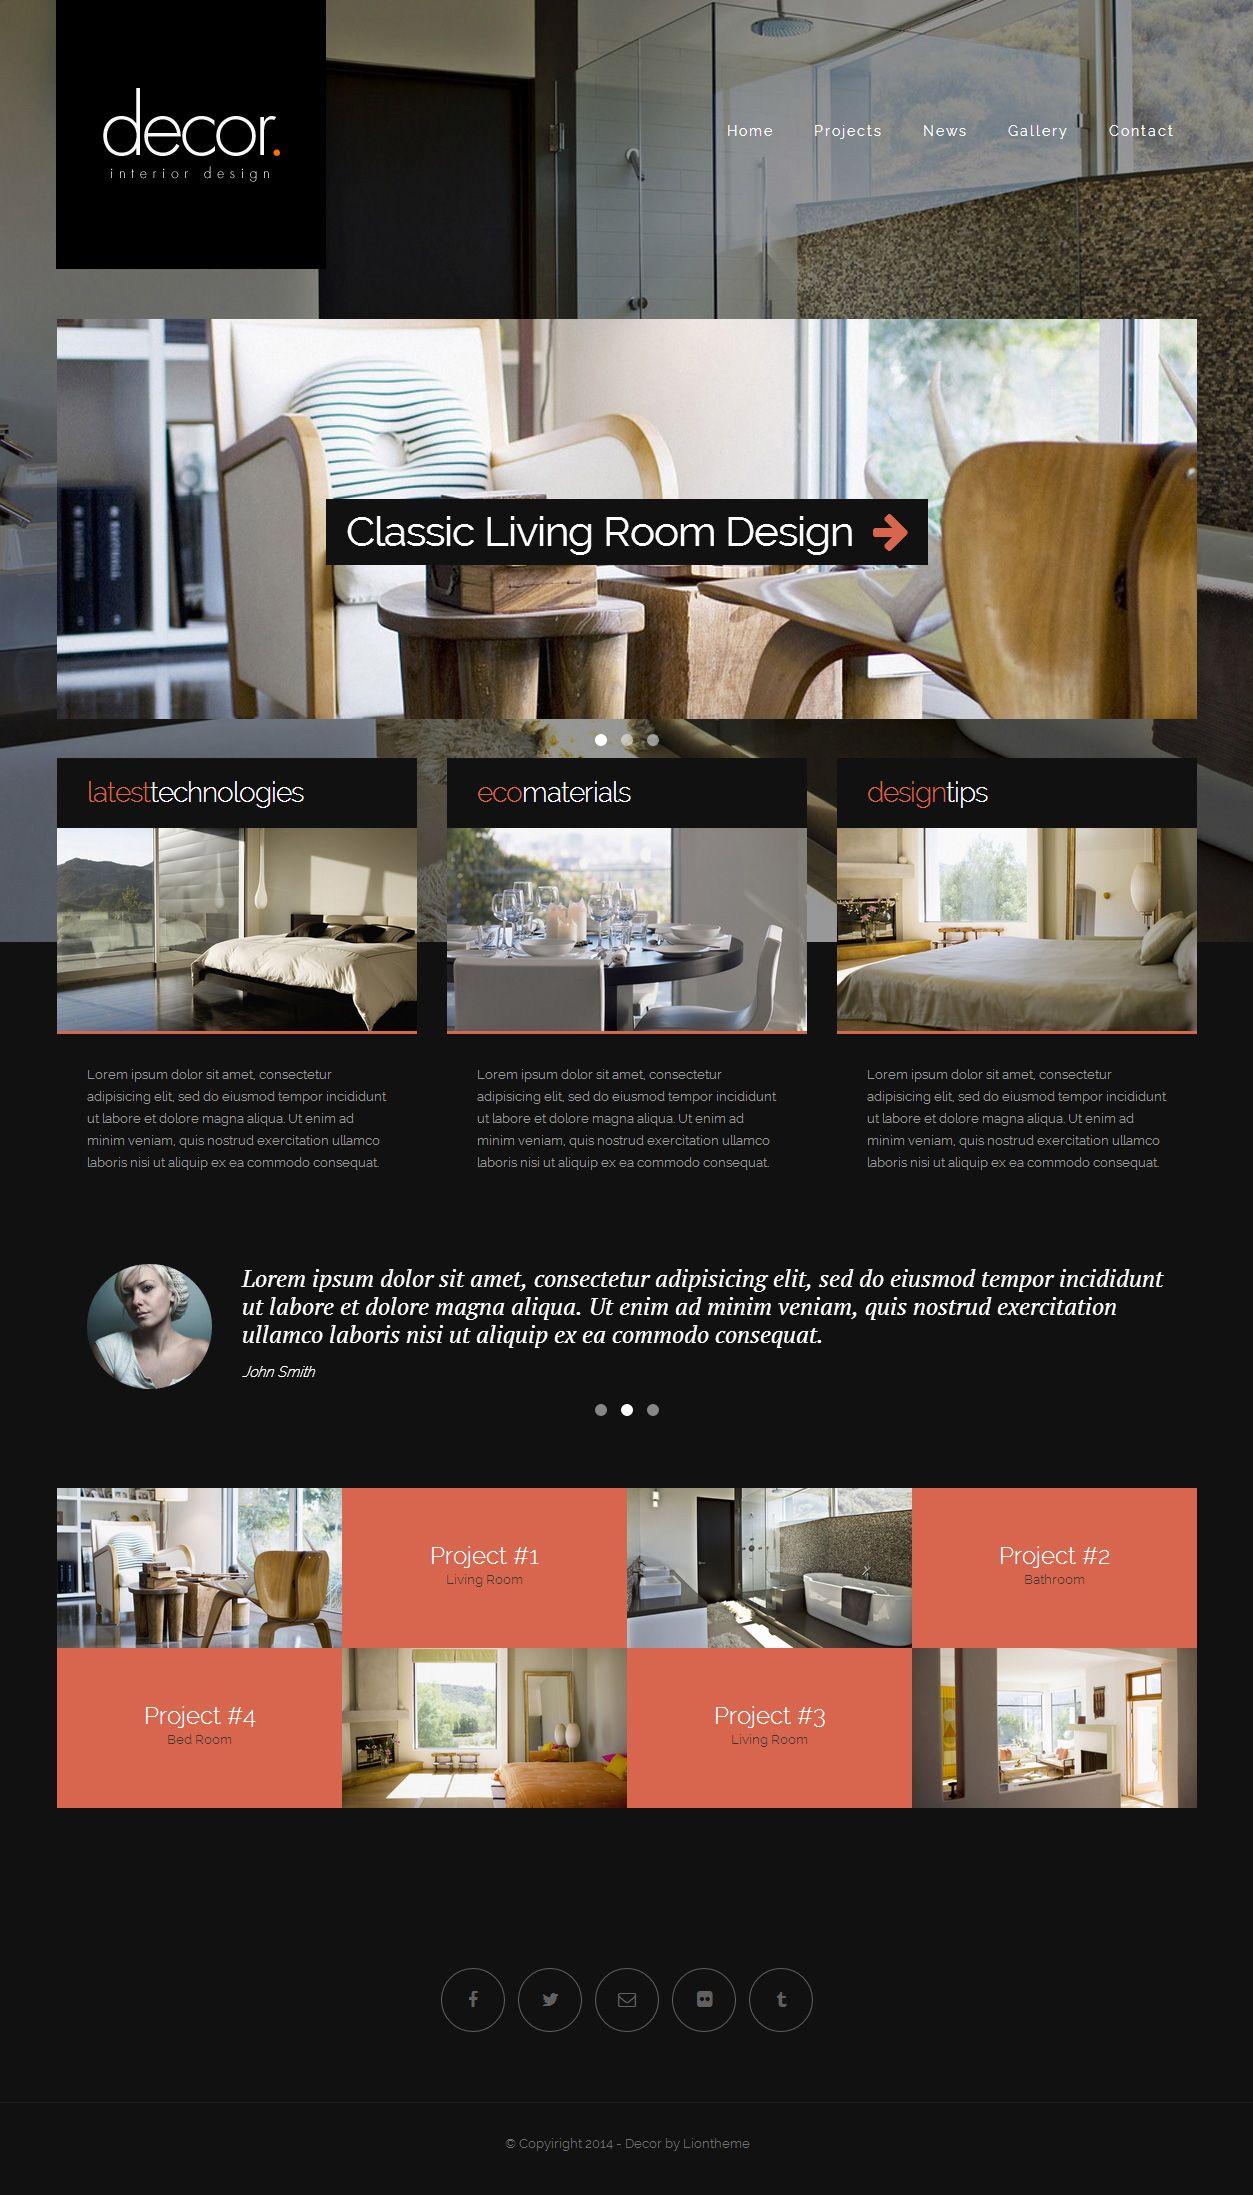 decor website concept unique oklahomavstcu online us decoration free ideas for best modern home